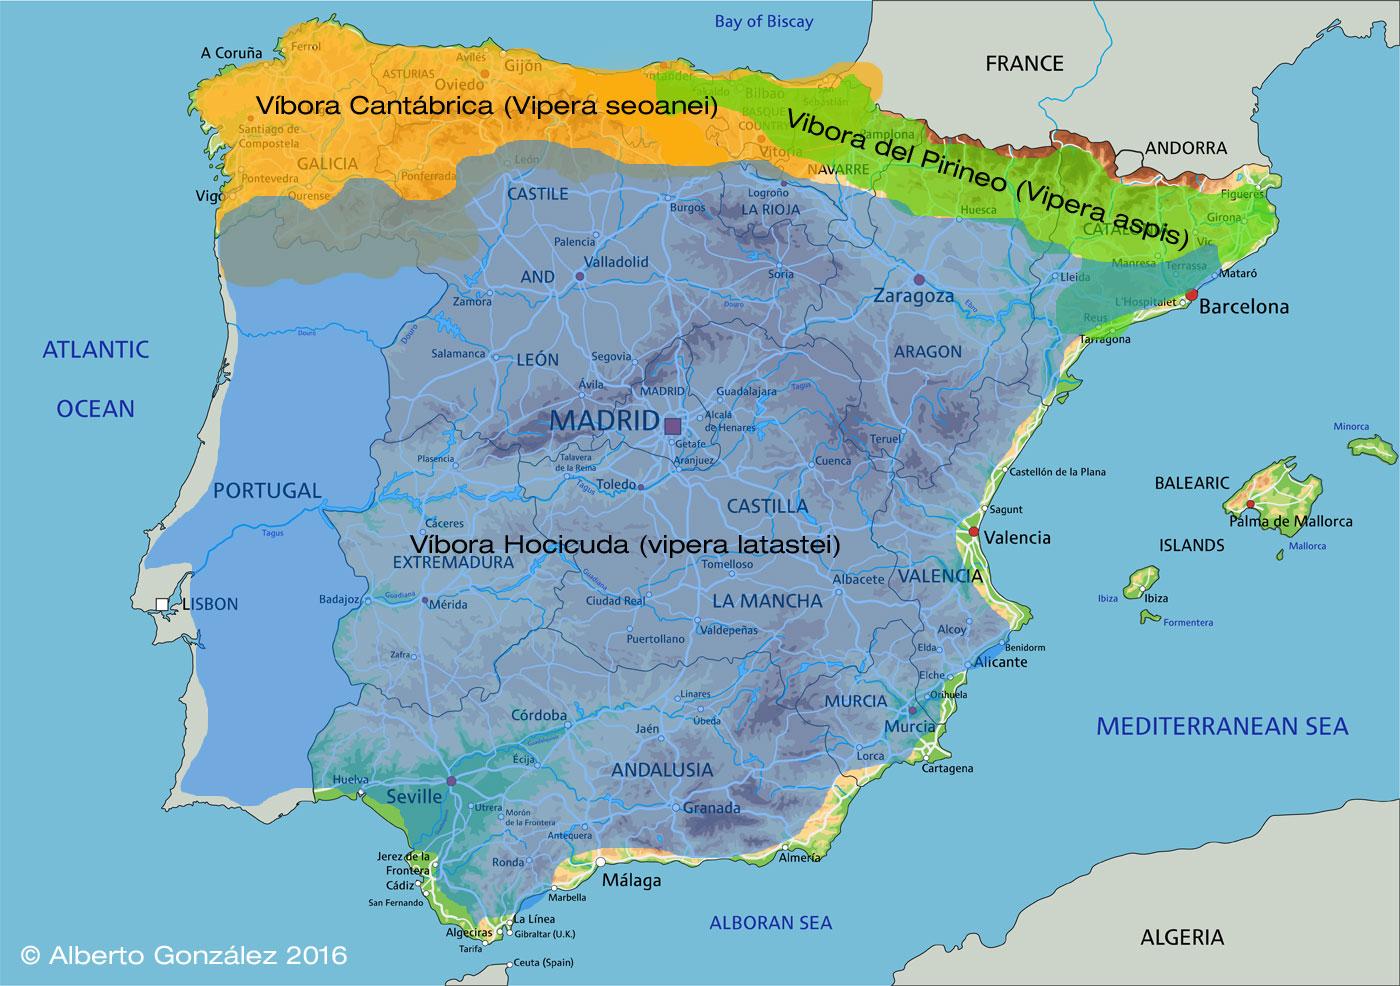 mapa distribución víboras en la Península Ibérica.